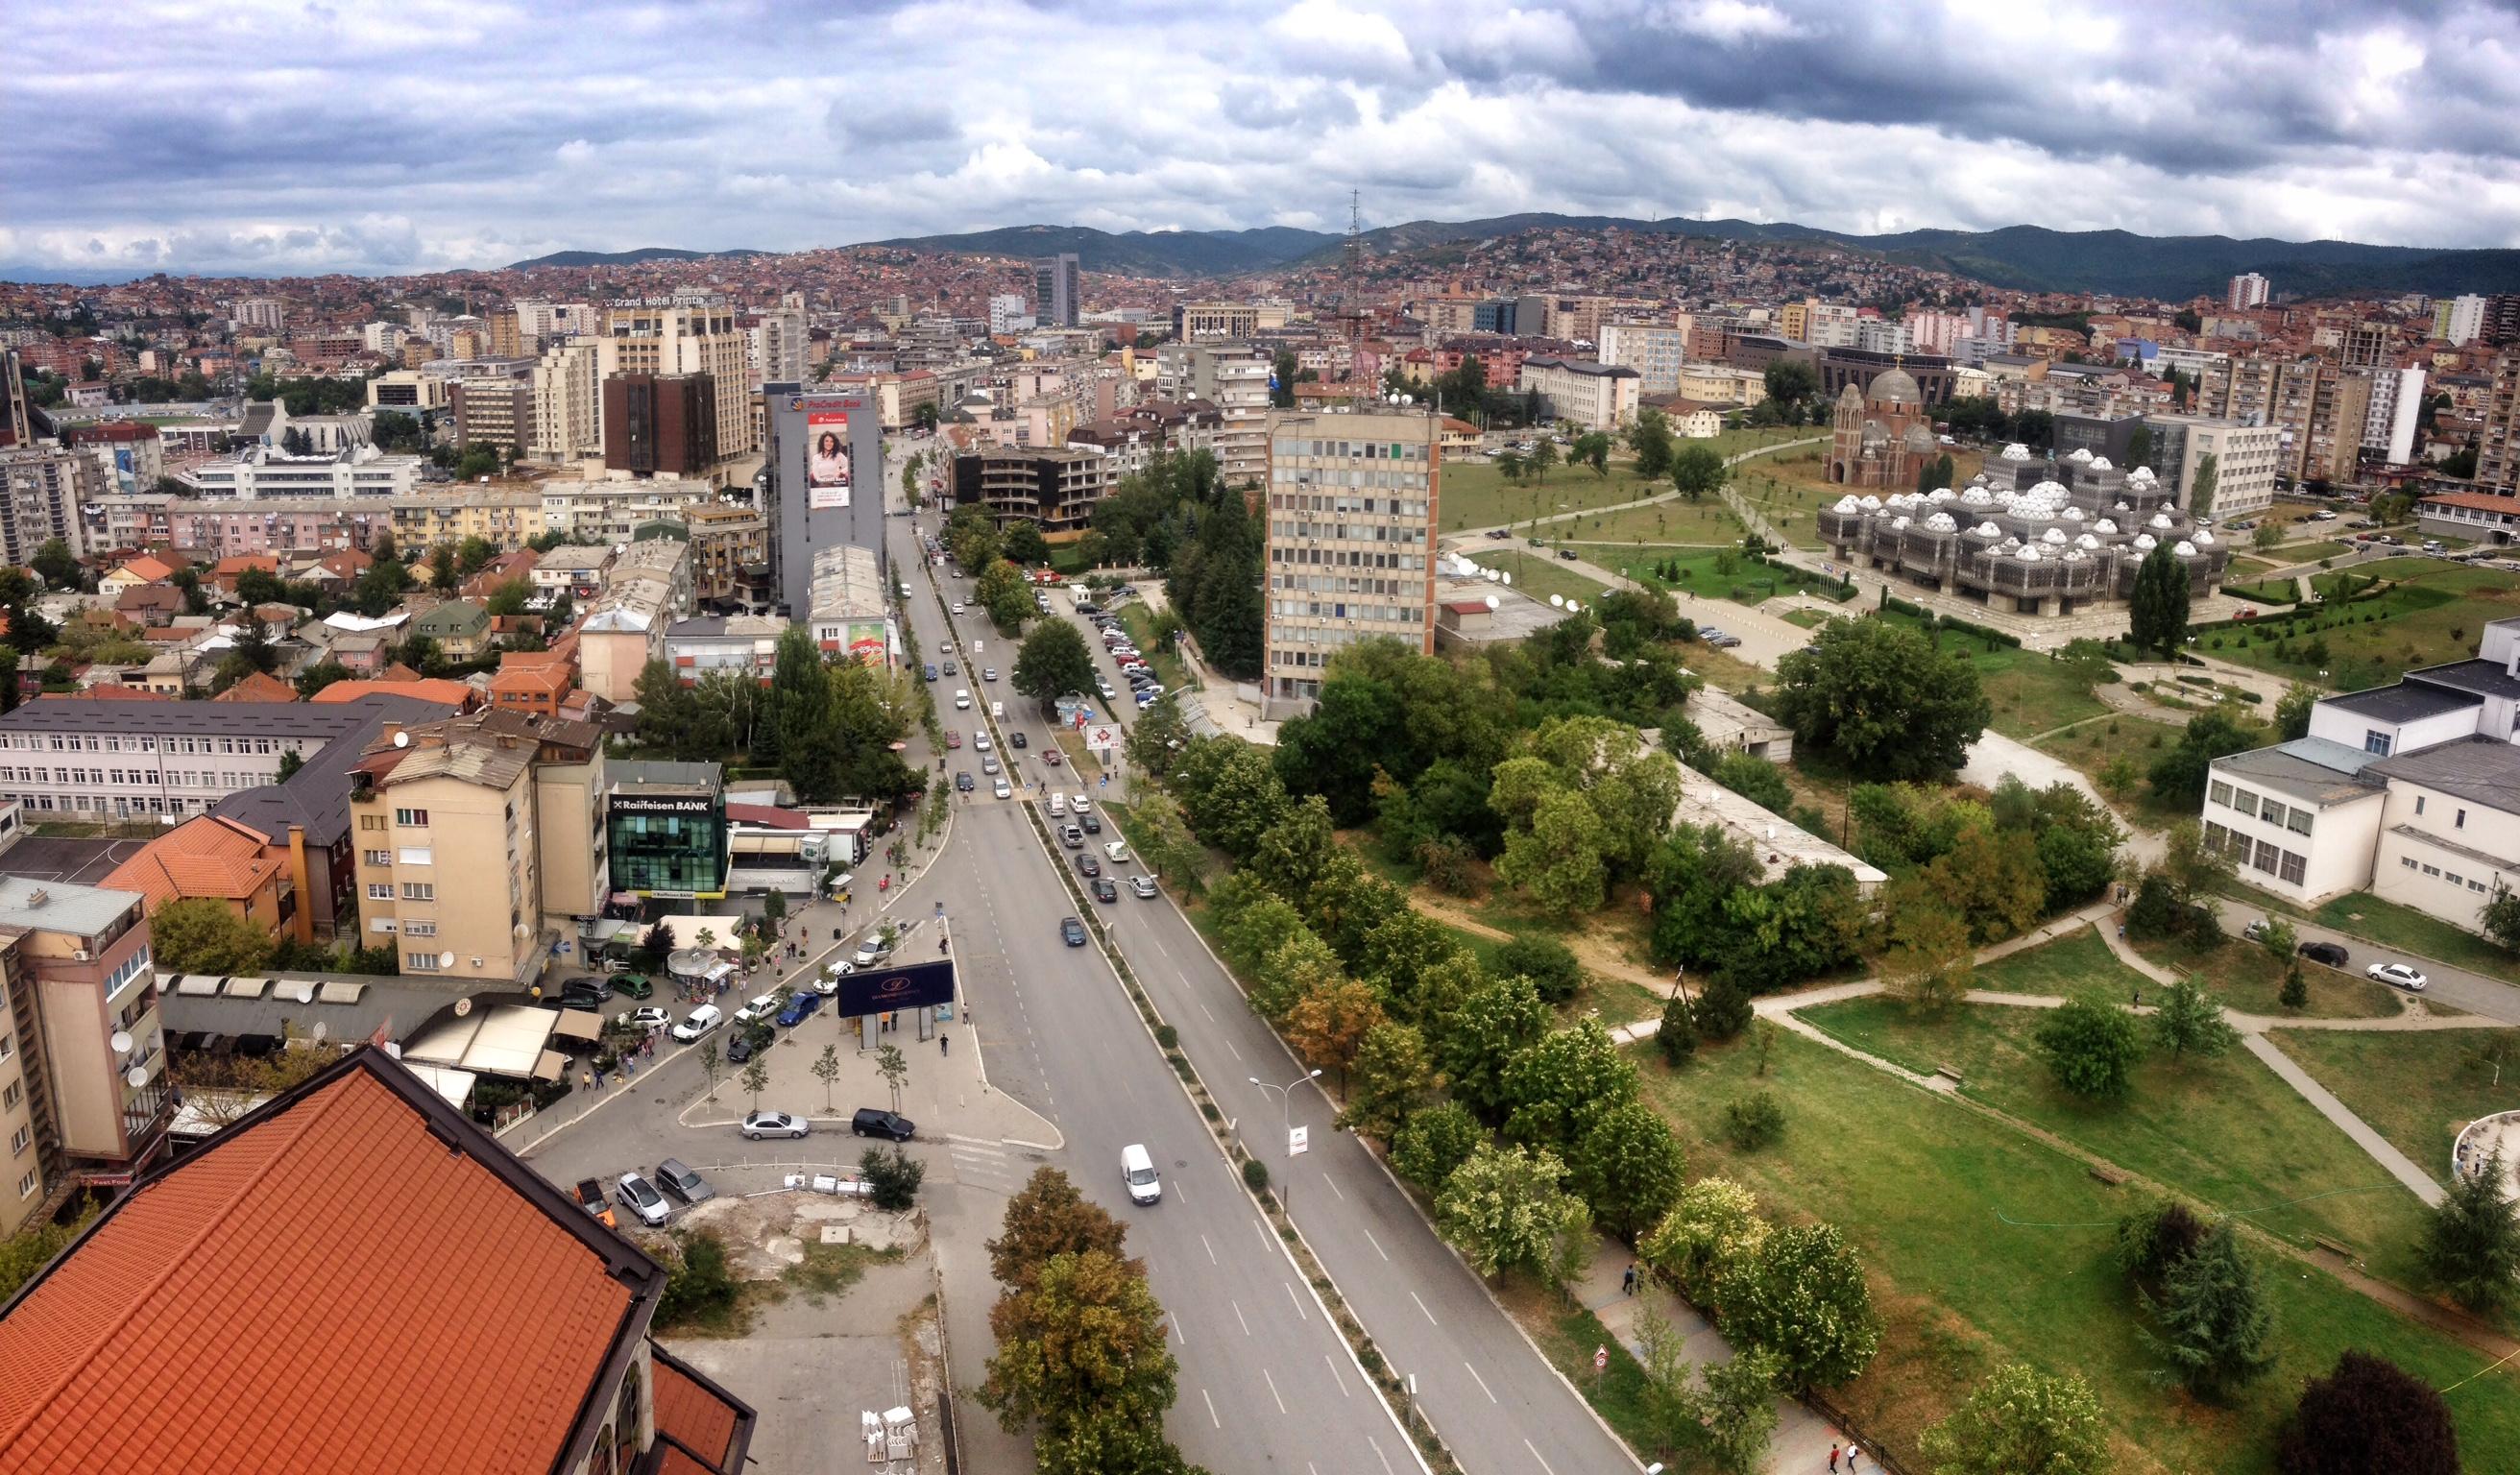 Prishtina më së shumti raste të reja me koronavirus, pastaj Mitrovica, Podujeva e Gjakova